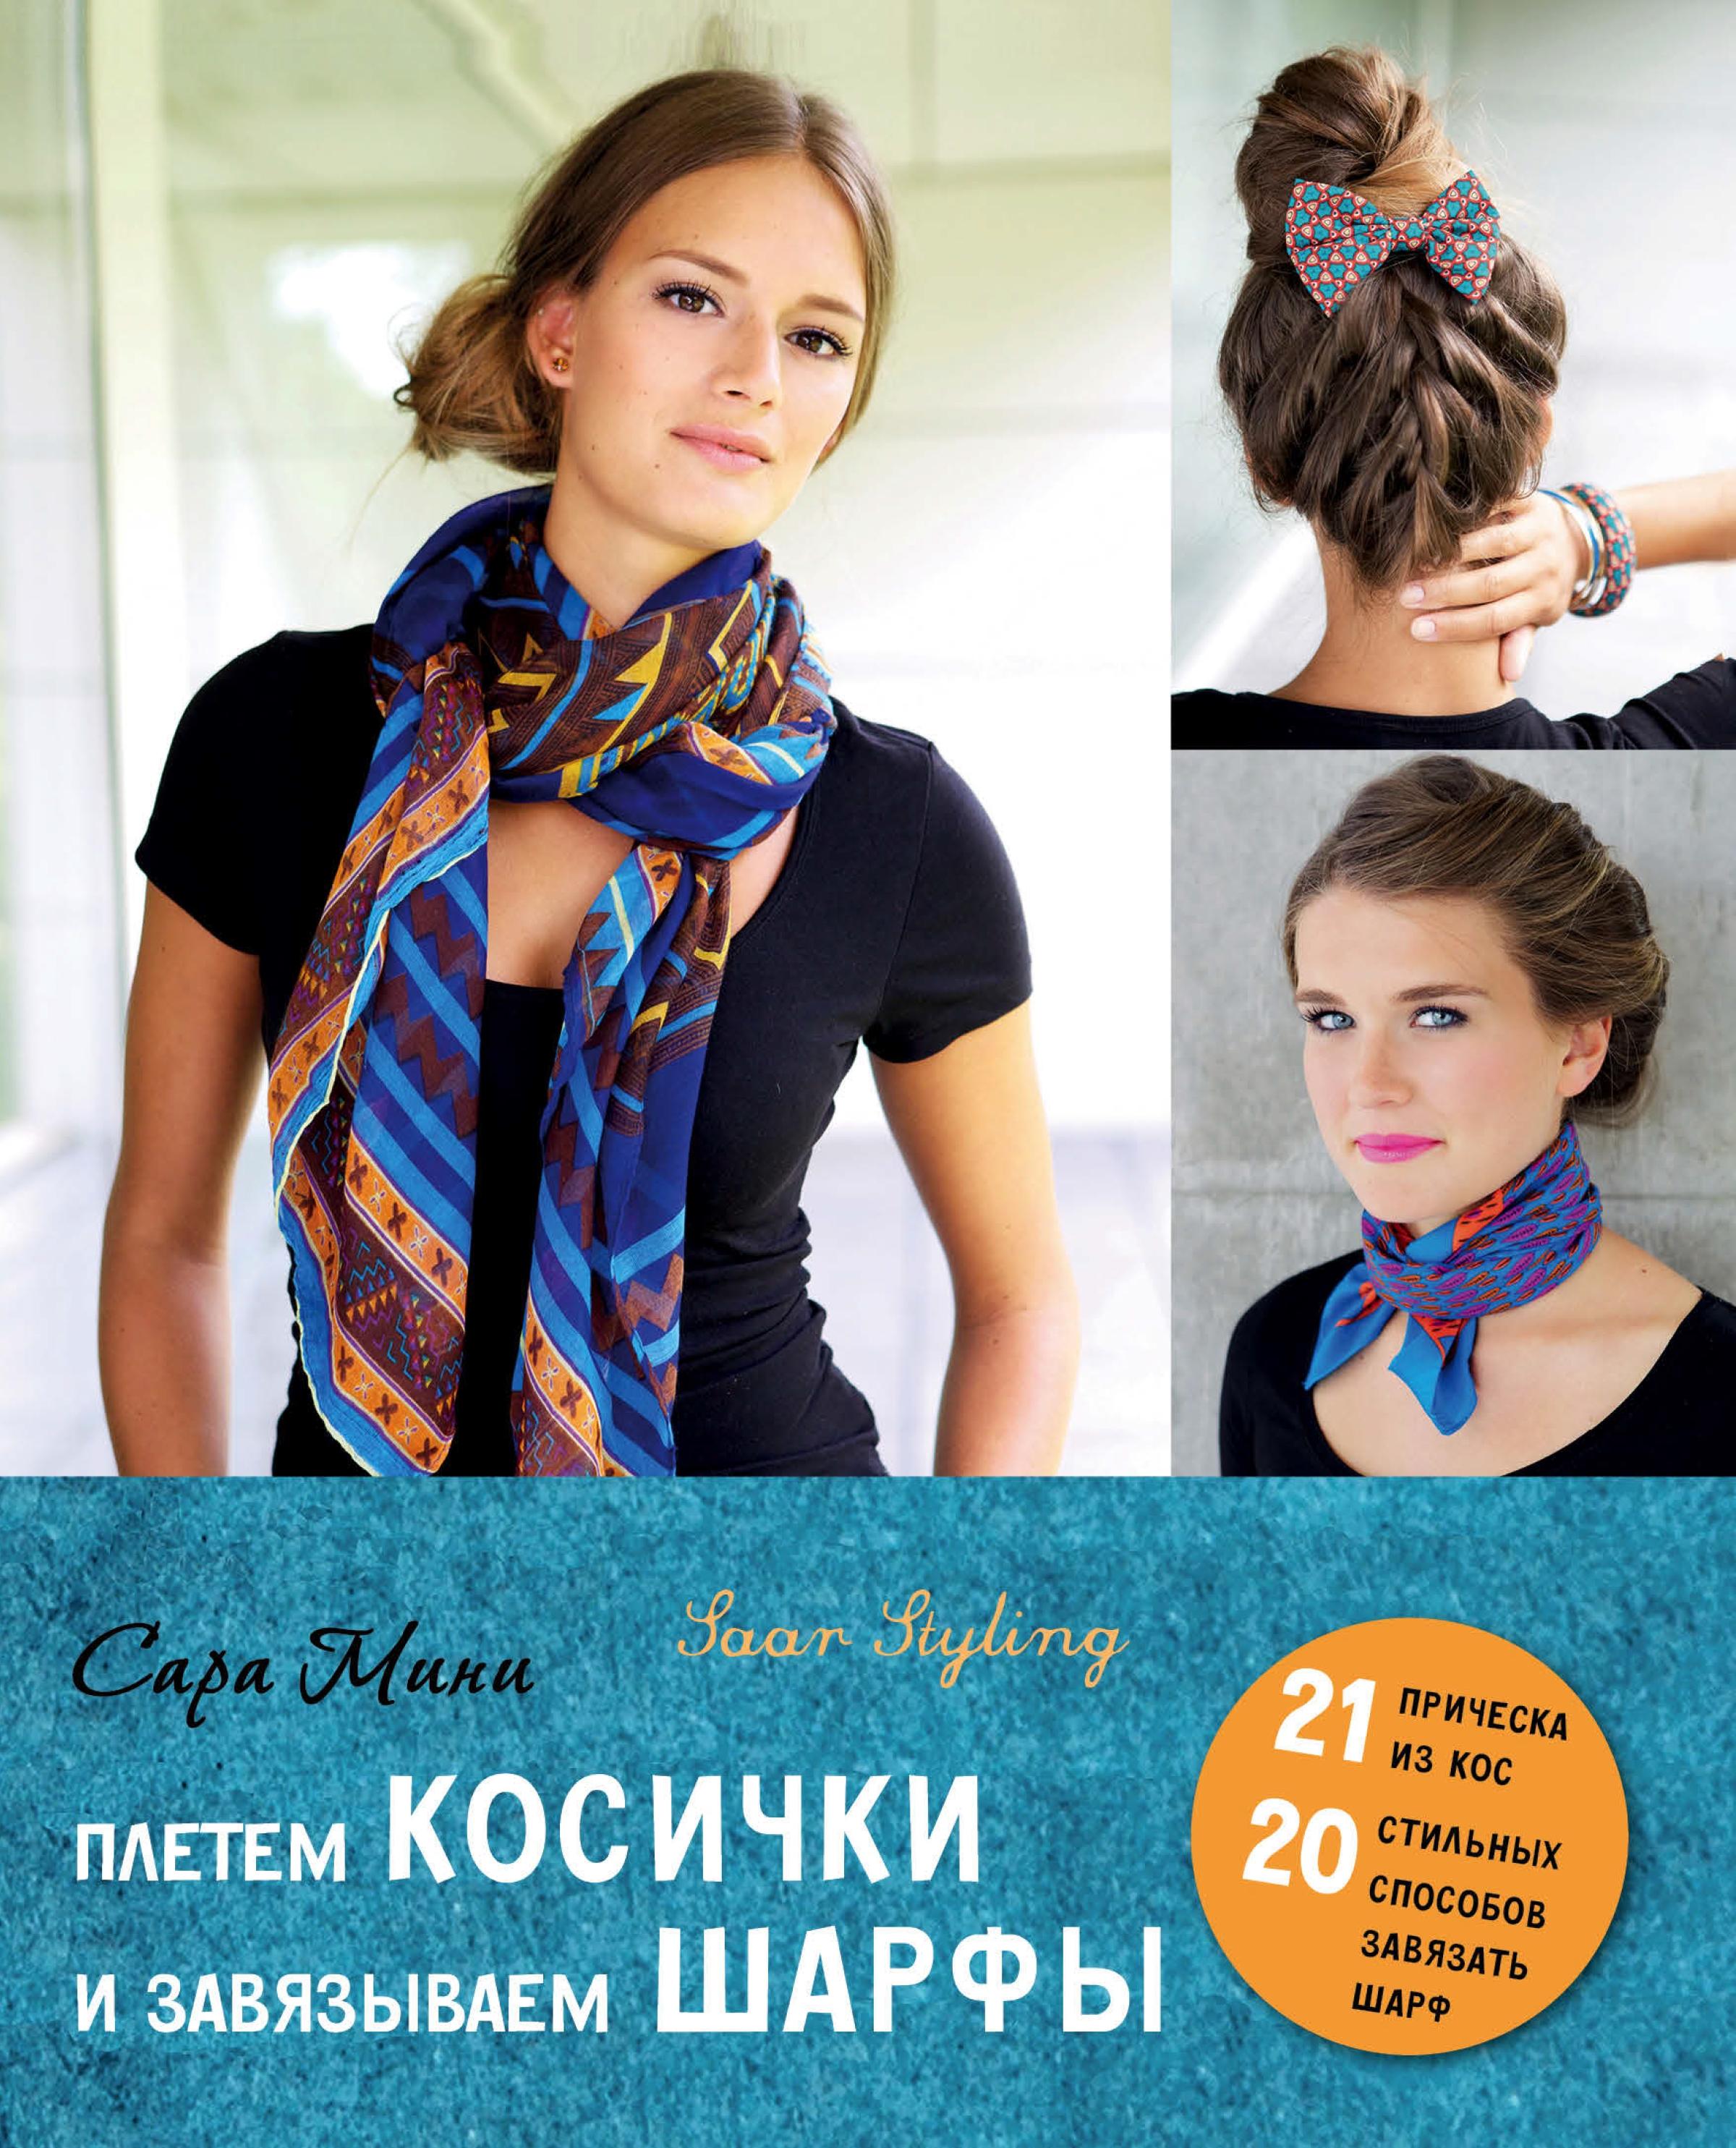 Сара Мини Плетем косички и завязываем шарфы шарфы foxtrot шарф